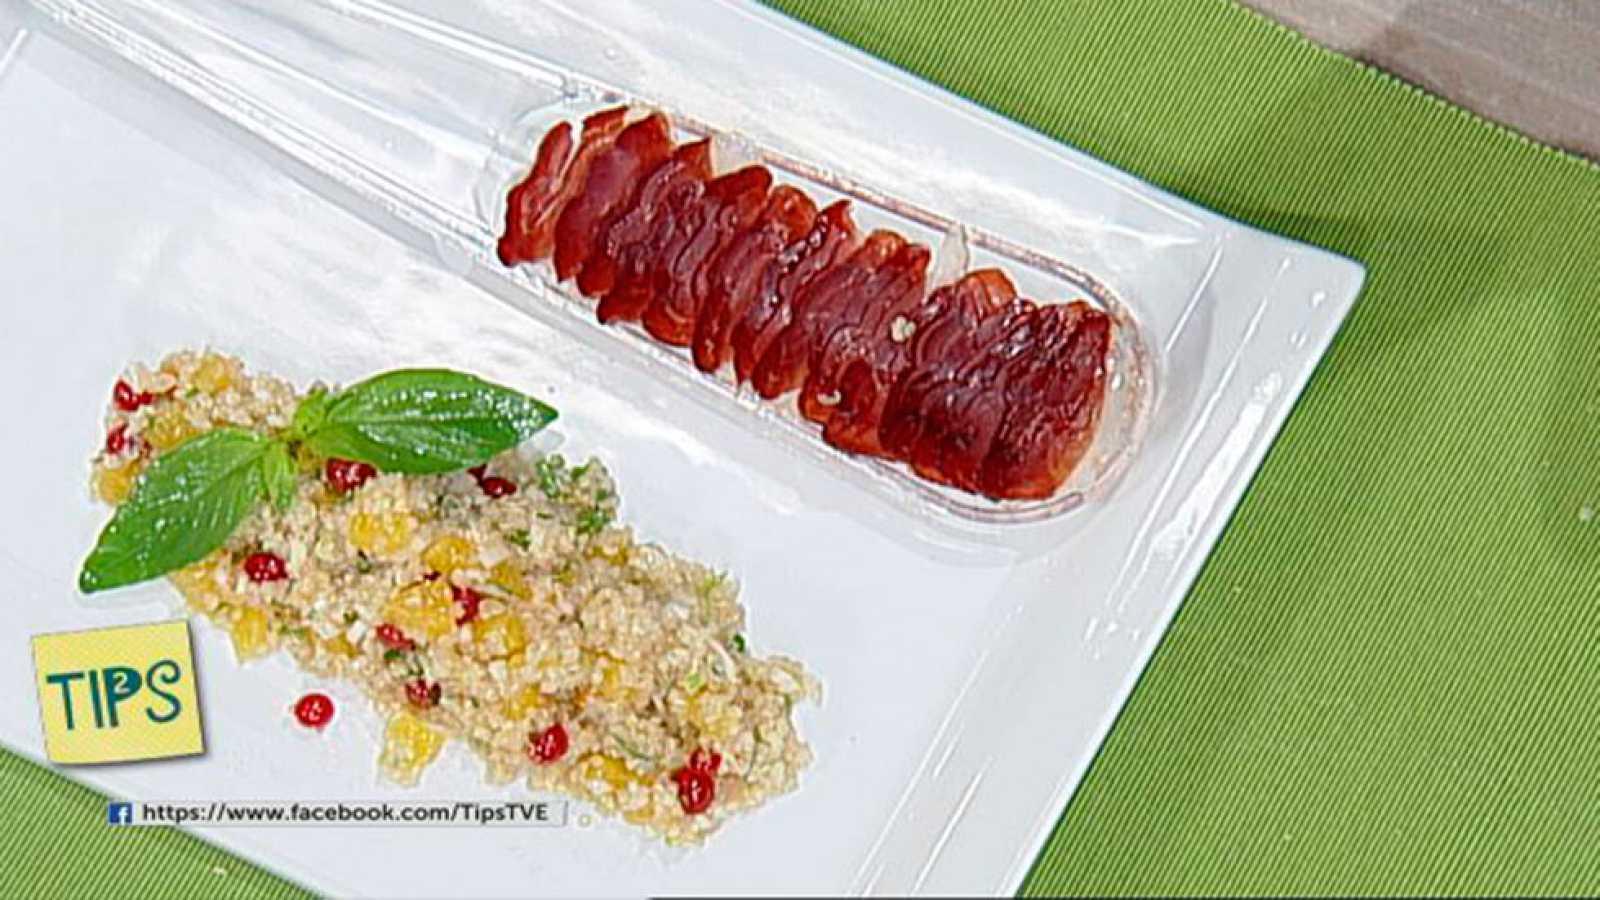 TIPS - Cocina - Ensalada de quinoa con naranja